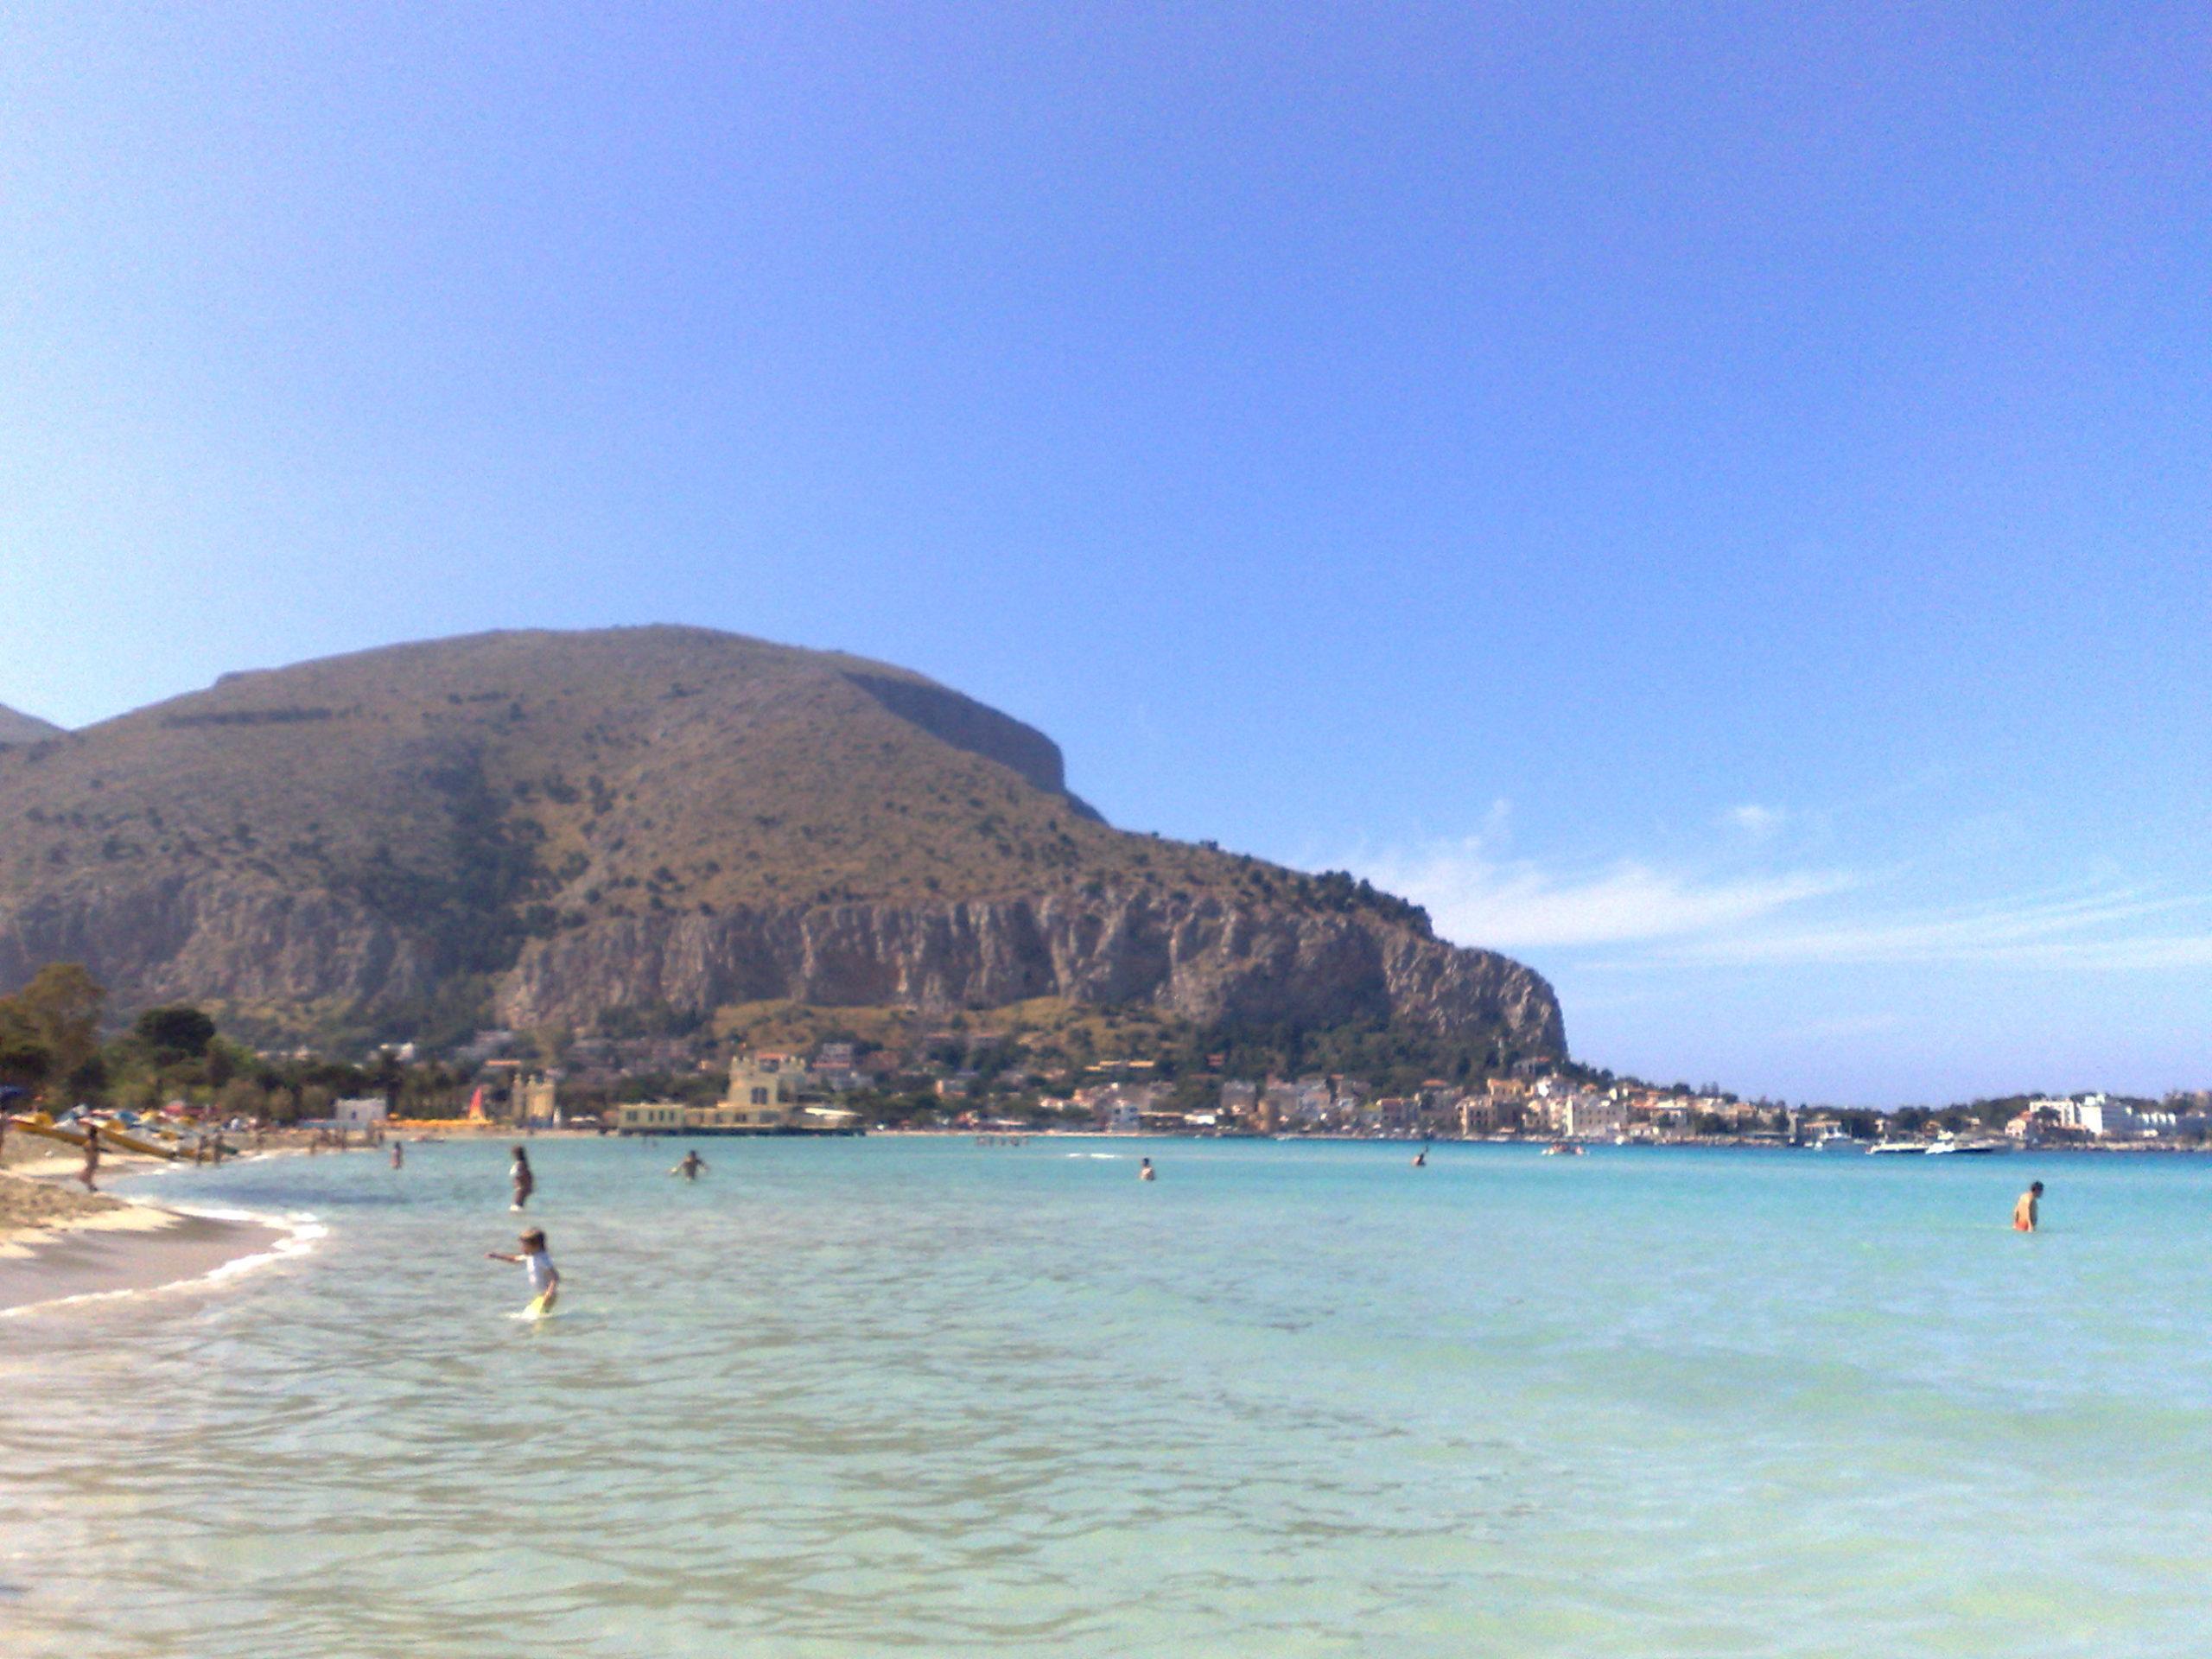 Mondello, ingresso in spiaggia e lettino fino a 25 euro: bagnanti indignati per prezzi esorbitanti